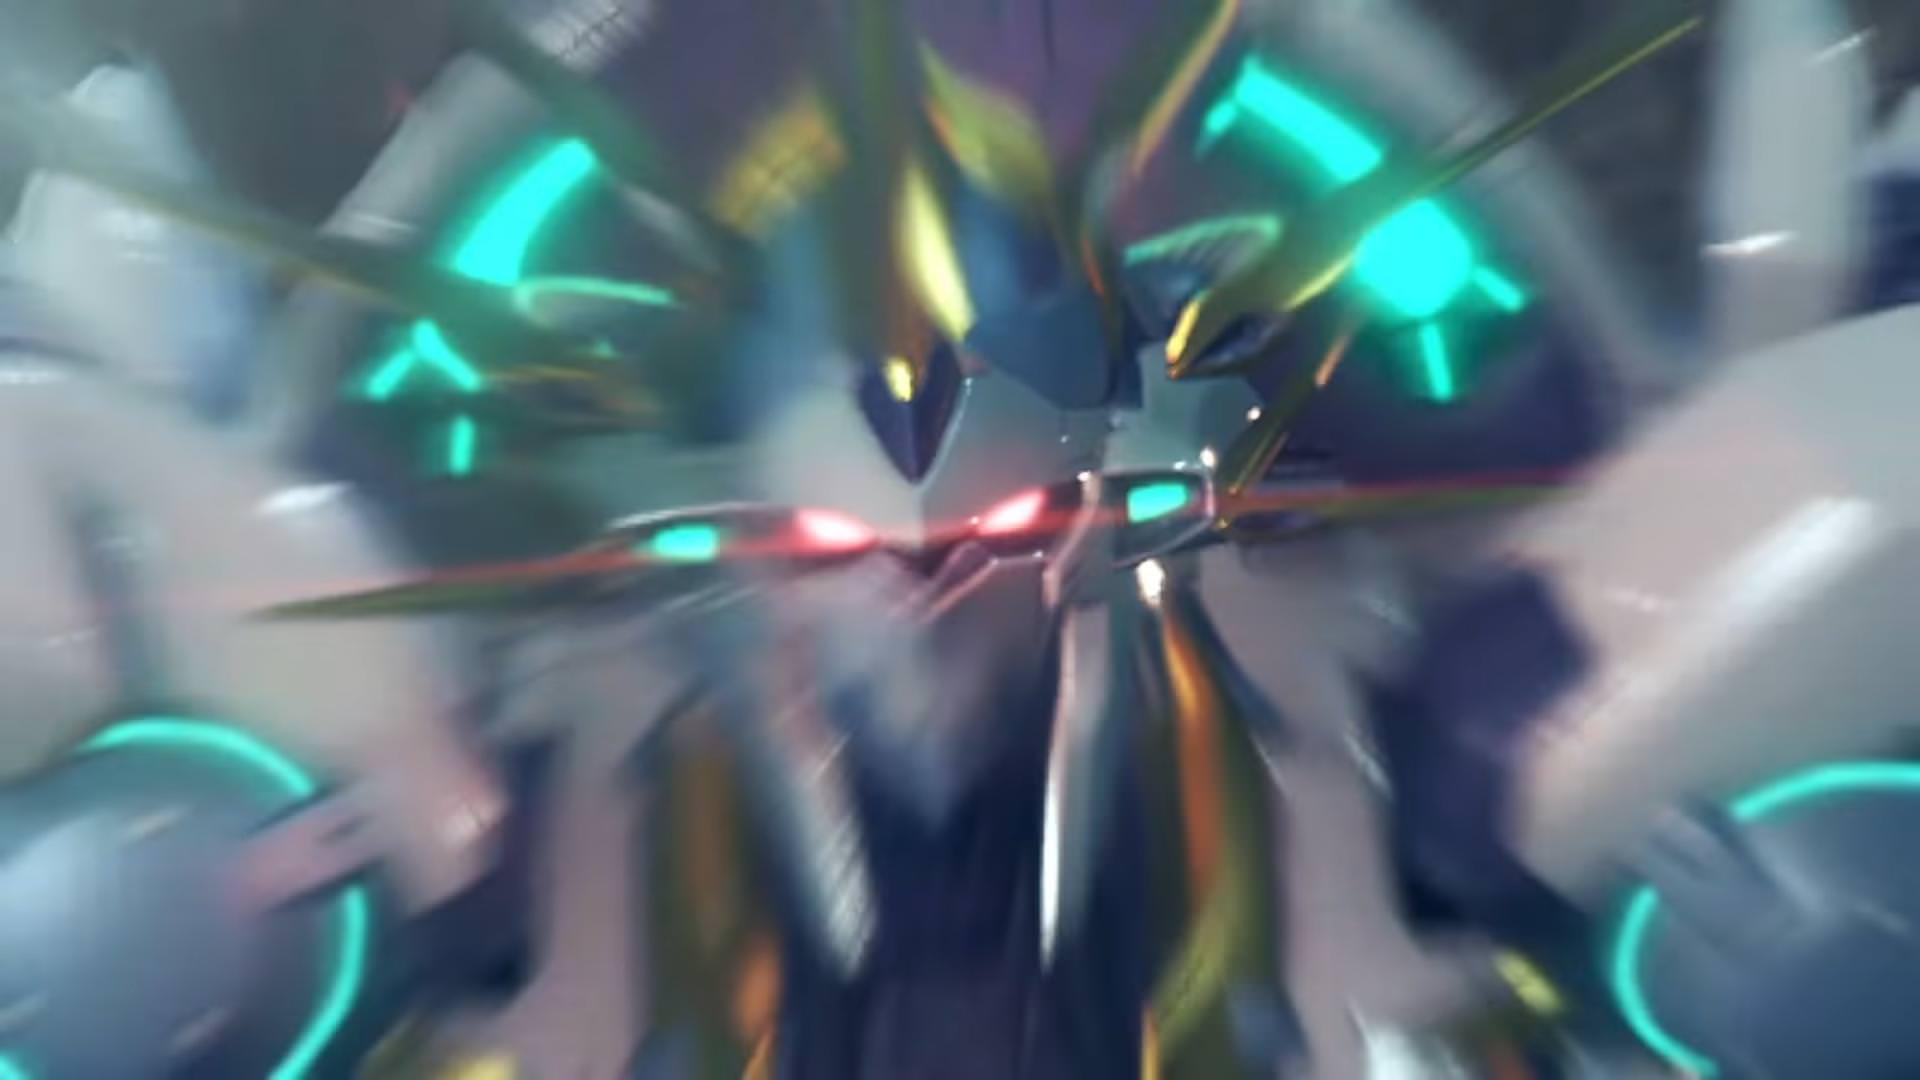 1swVxP1ALh0Ls - 【速報】ゼノブレイド2の最新トレーラーストーリー編きたあああああああああああああああ!!!!!